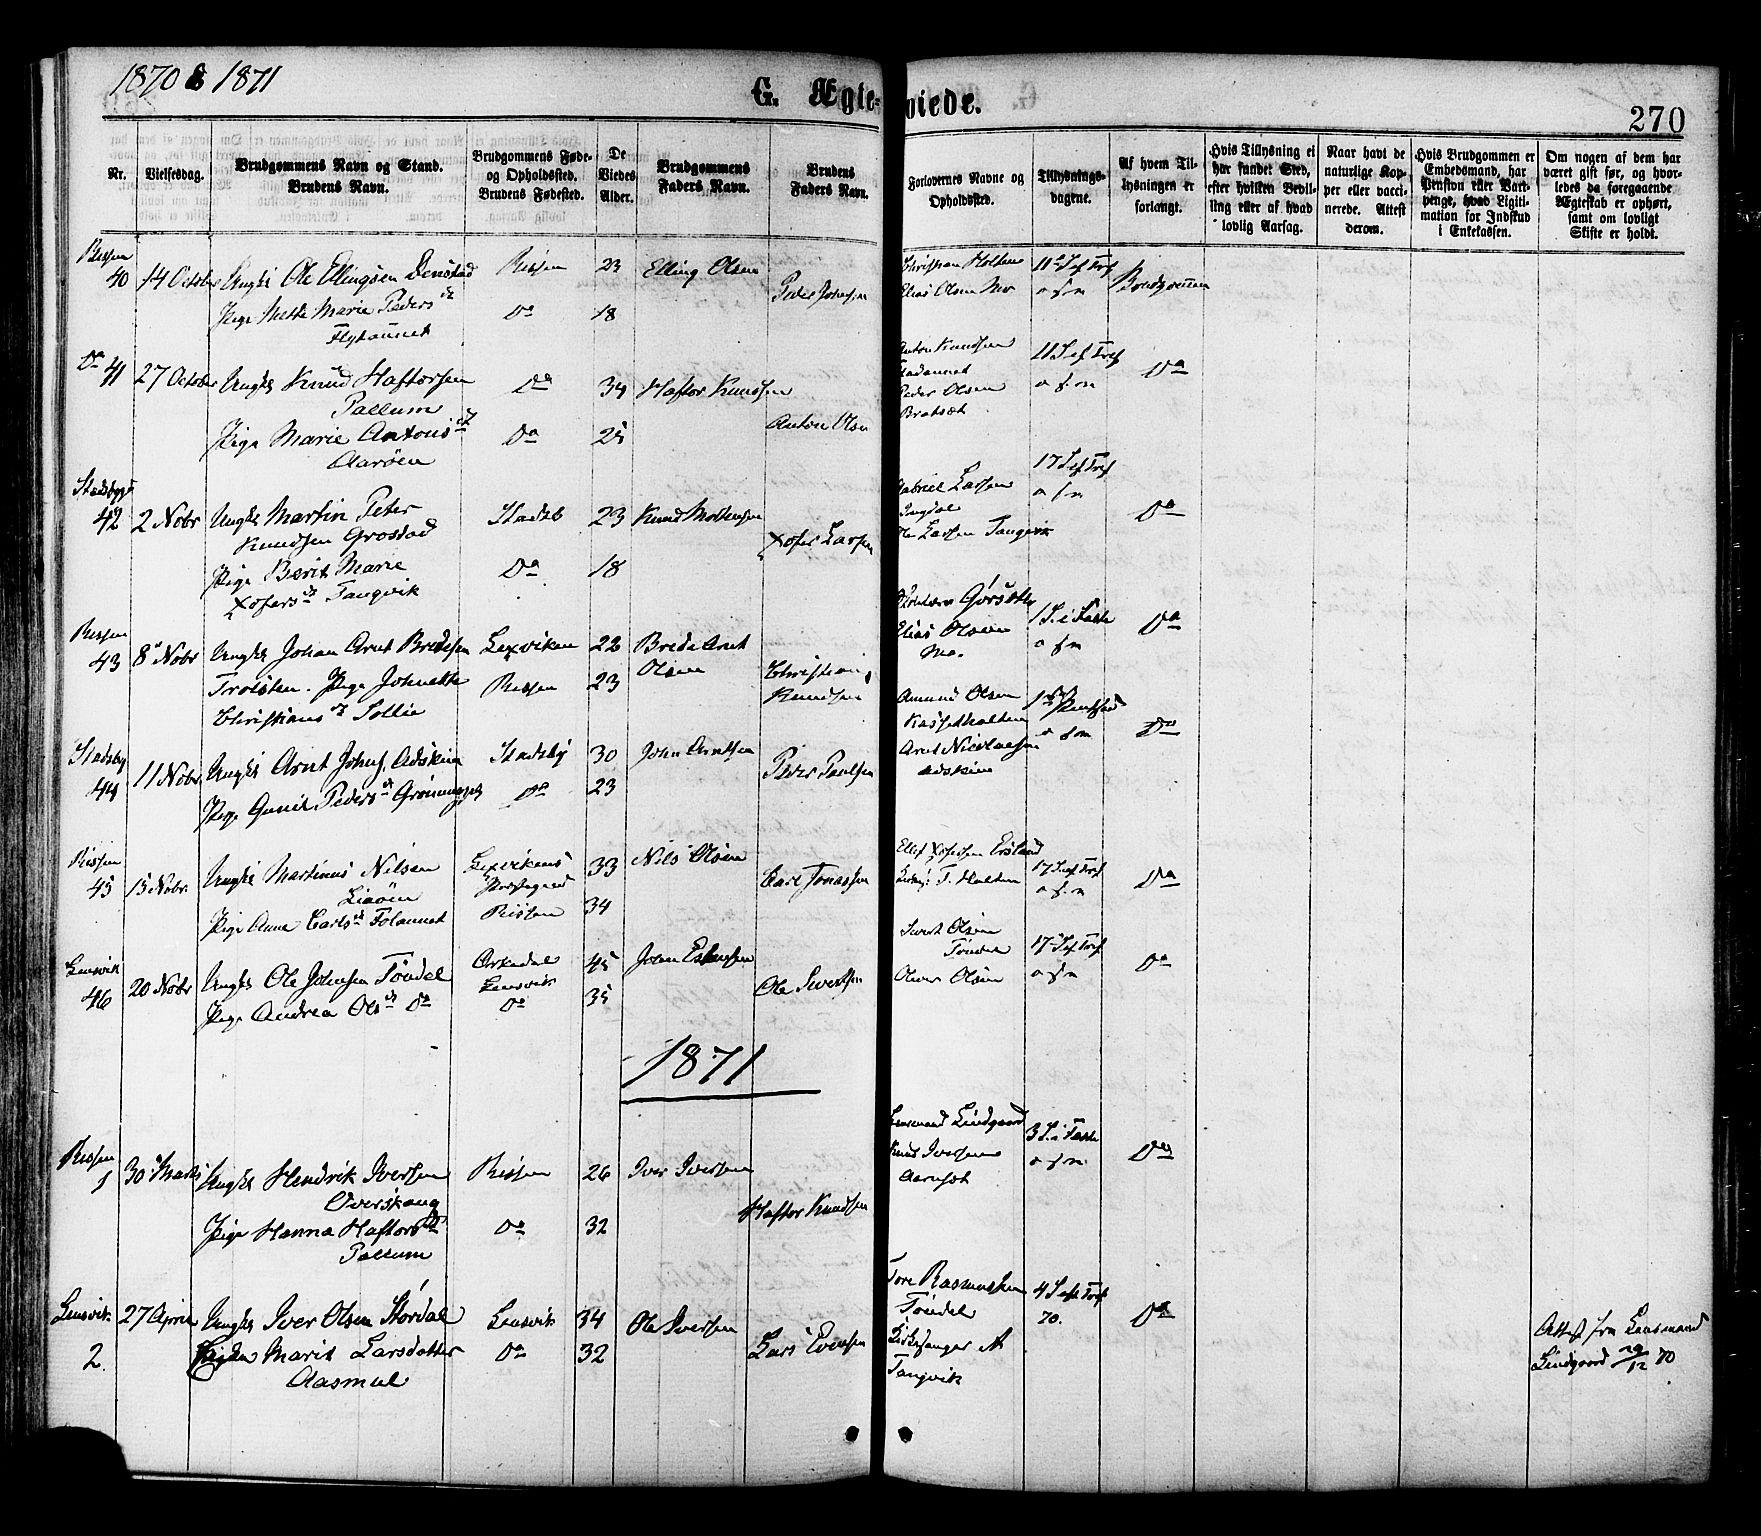 SAT, Ministerialprotokoller, klokkerbøker og fødselsregistre - Sør-Trøndelag, 646/L0613: Ministerialbok nr. 646A11, 1870-1884, s. 270